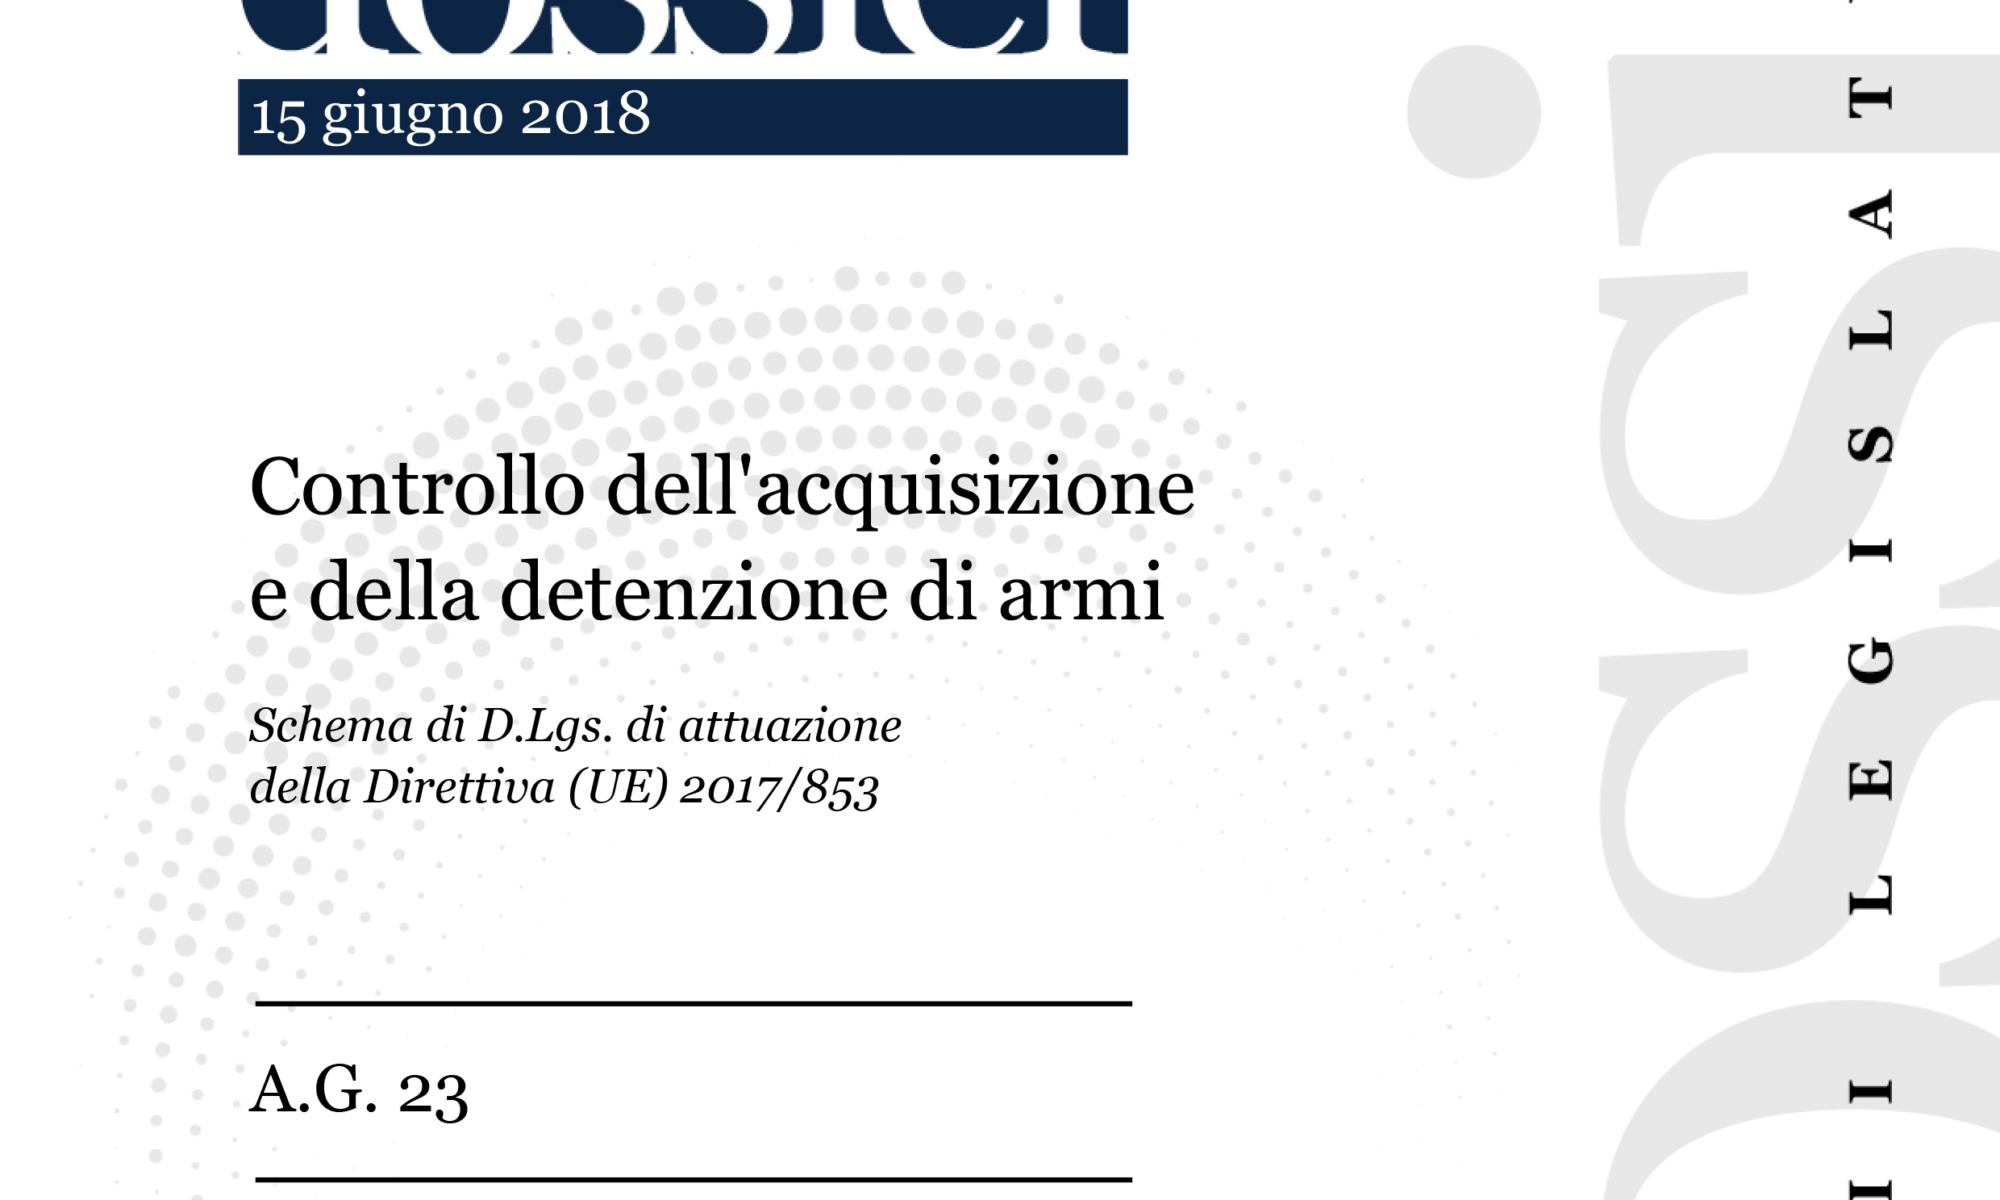 Dossier A.G. 23 - Controllo acquisizione e detenzione armi - Copertina